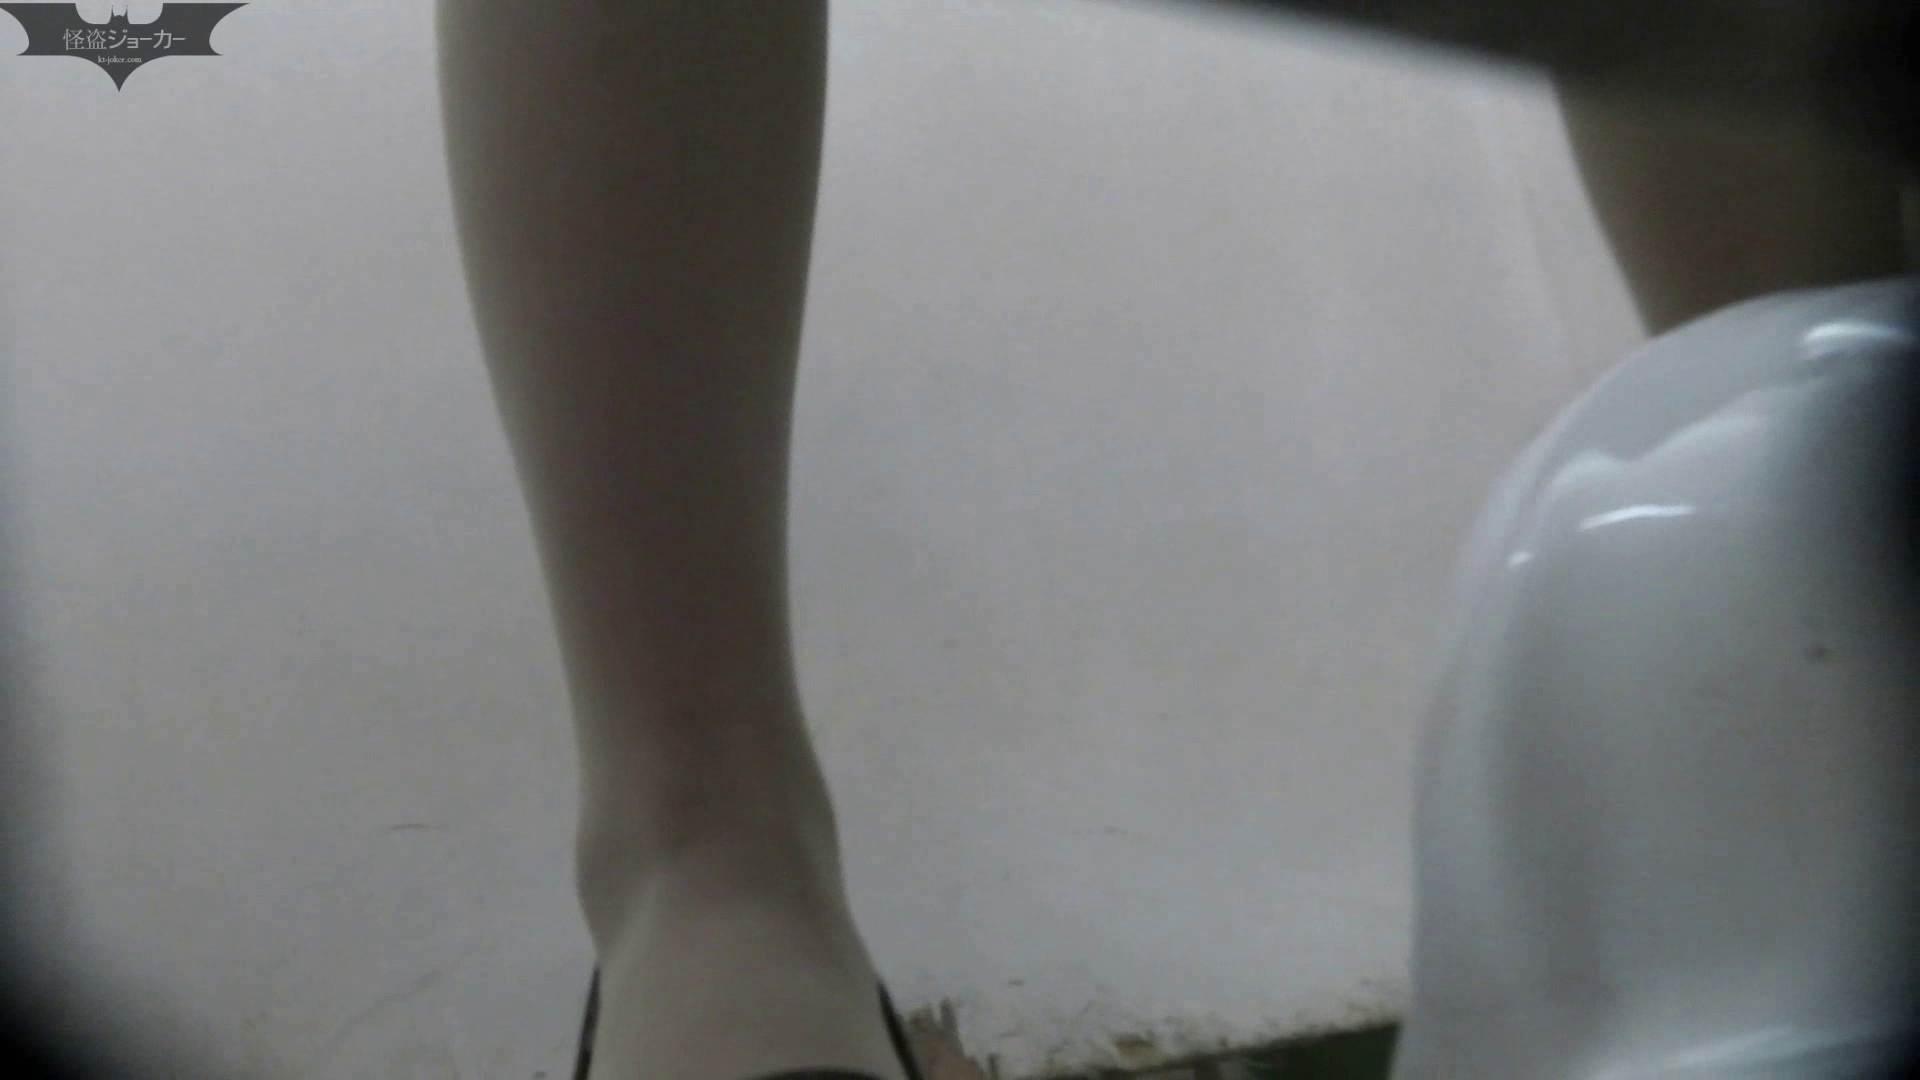 【美しき個室な世界】洗面所特攻隊 vol.046 更に進化【2015・07位】 高評価 | 洗面所  91画像 91